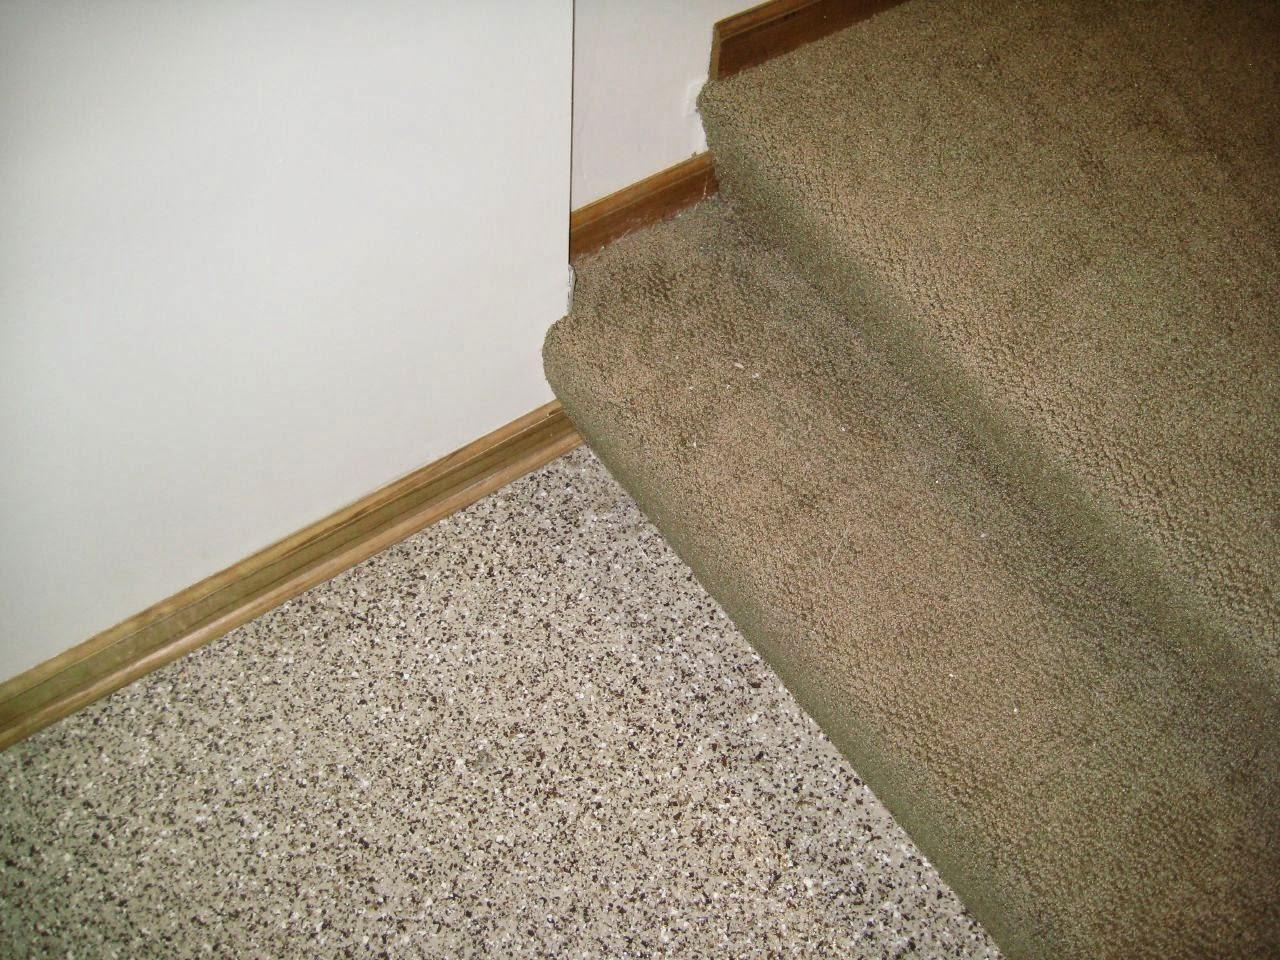 Lantai karpet murah dan mudah diganti